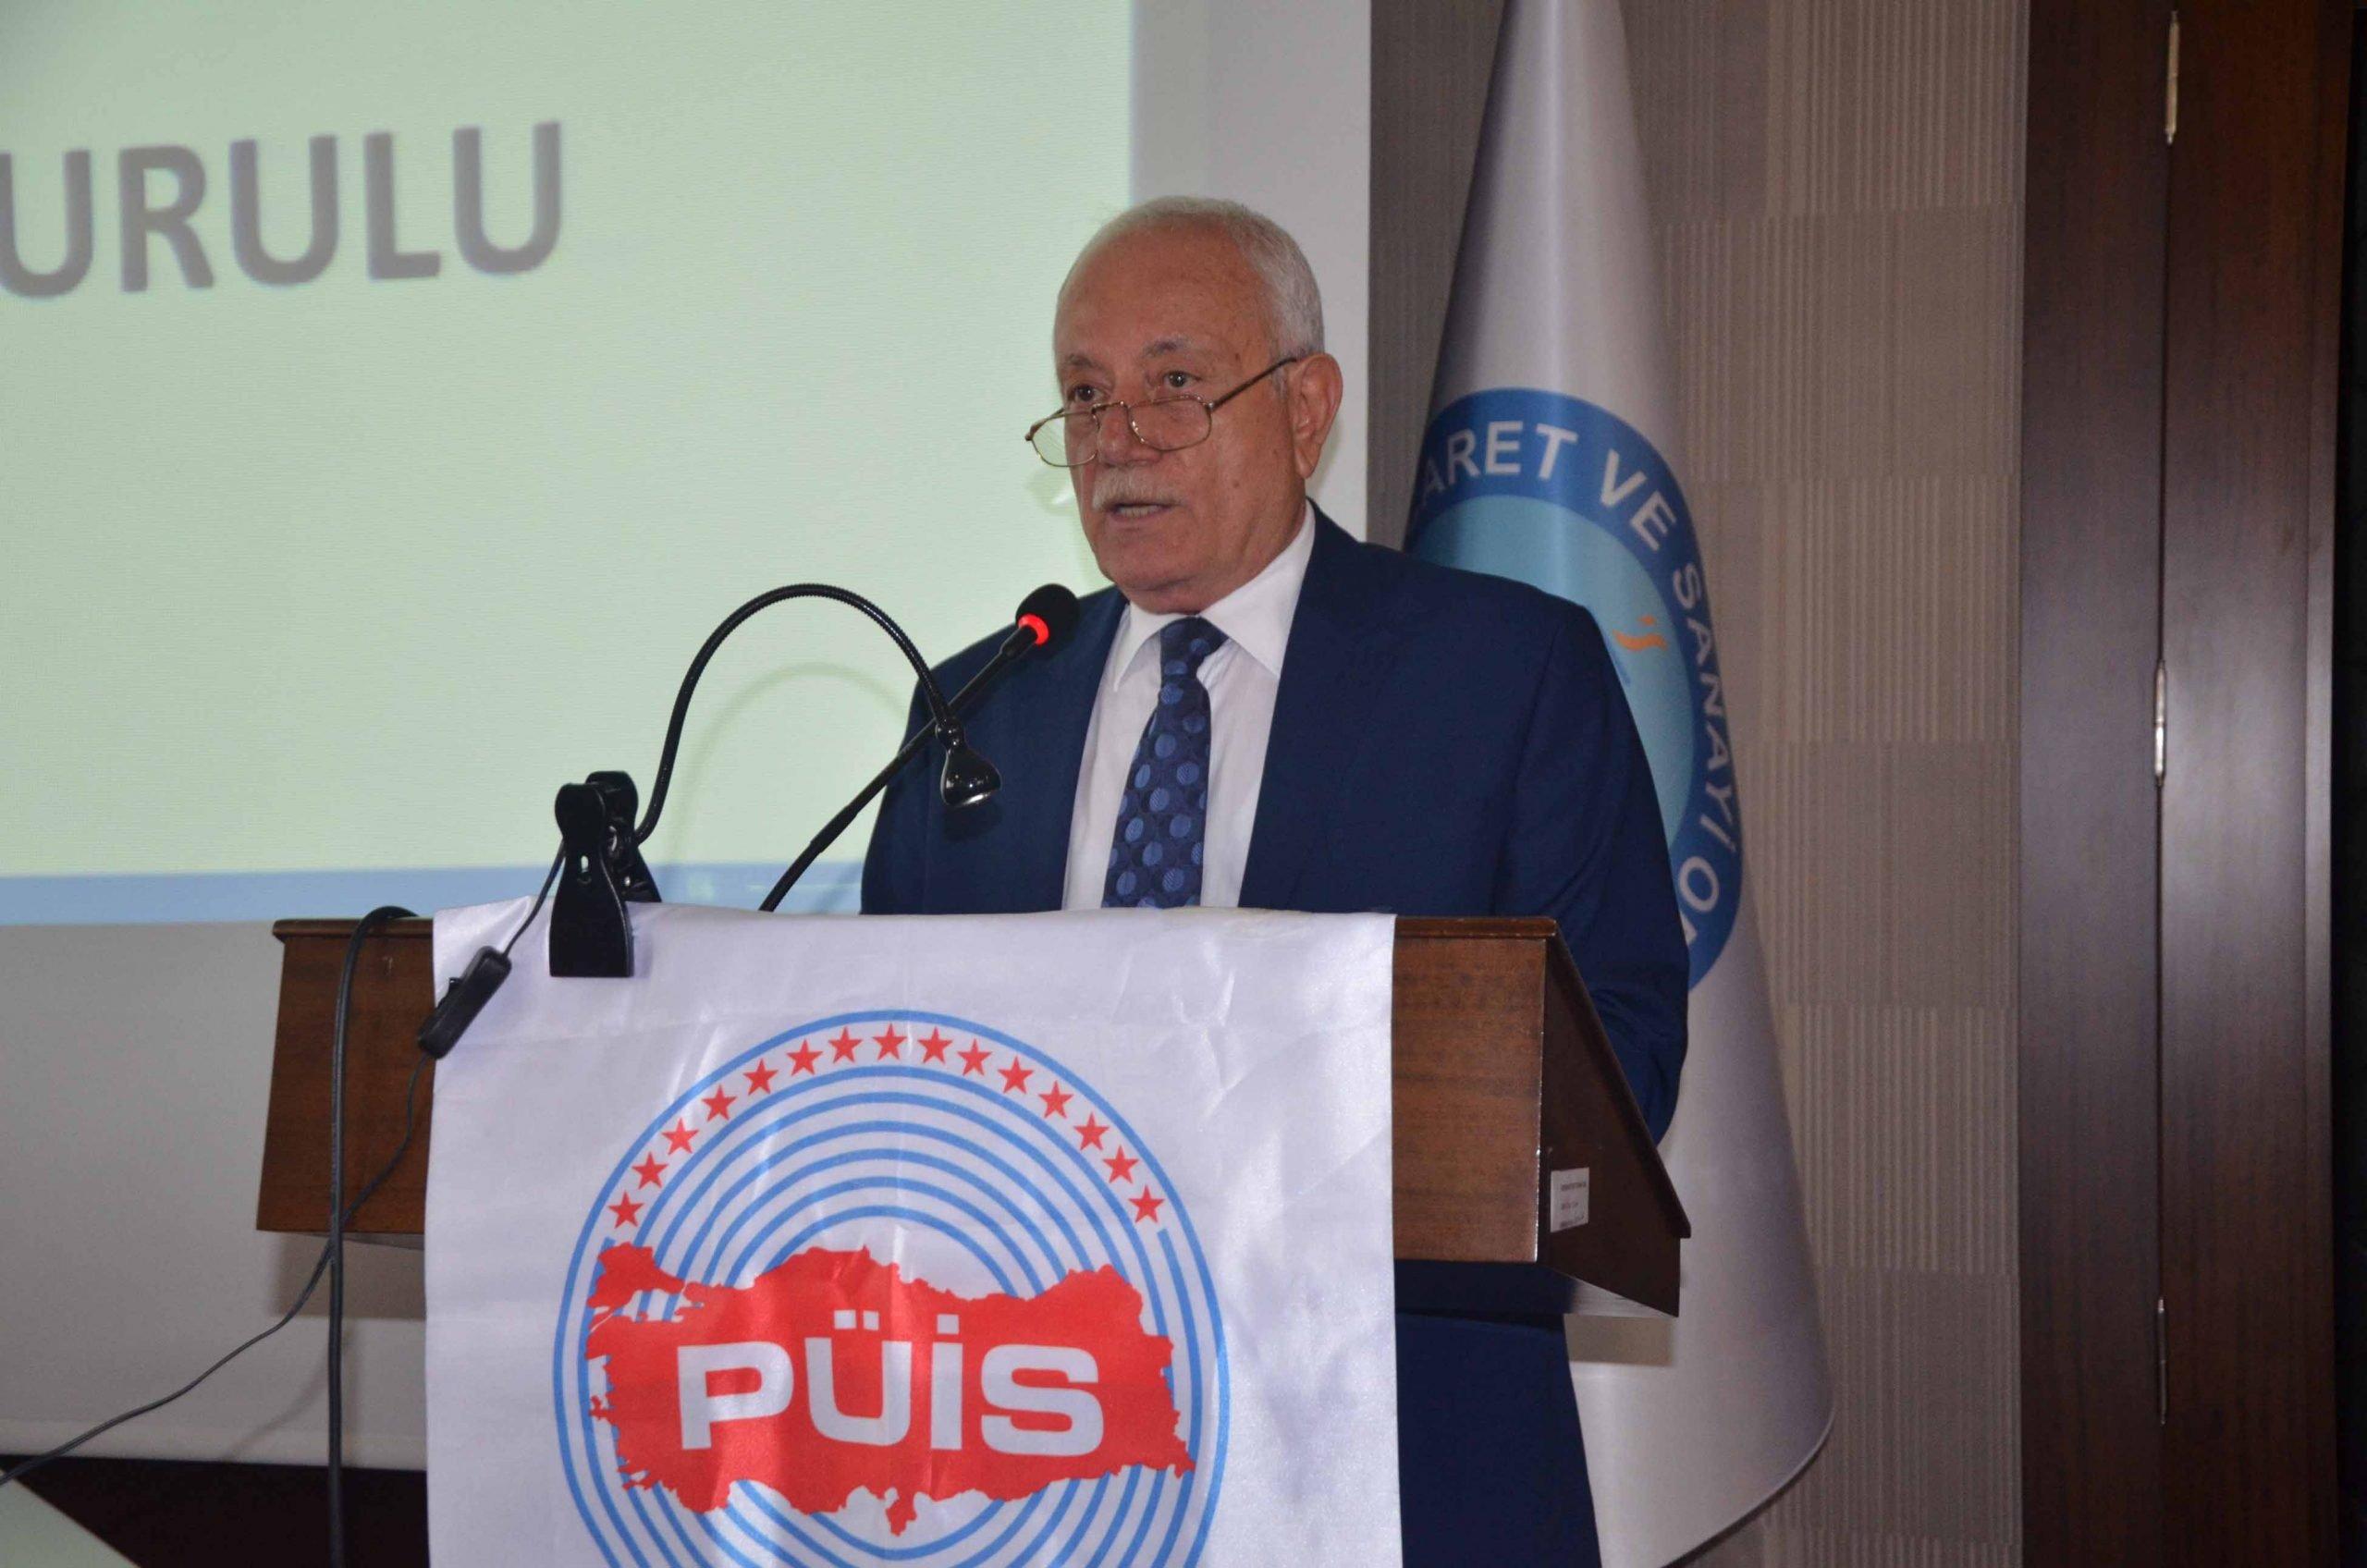 Petrol Ürünleri İşverenler Sendikası (PÜİS) Şubesi'nin 14. Genel Kurulunda Doğan Erten Güven Tazeledi